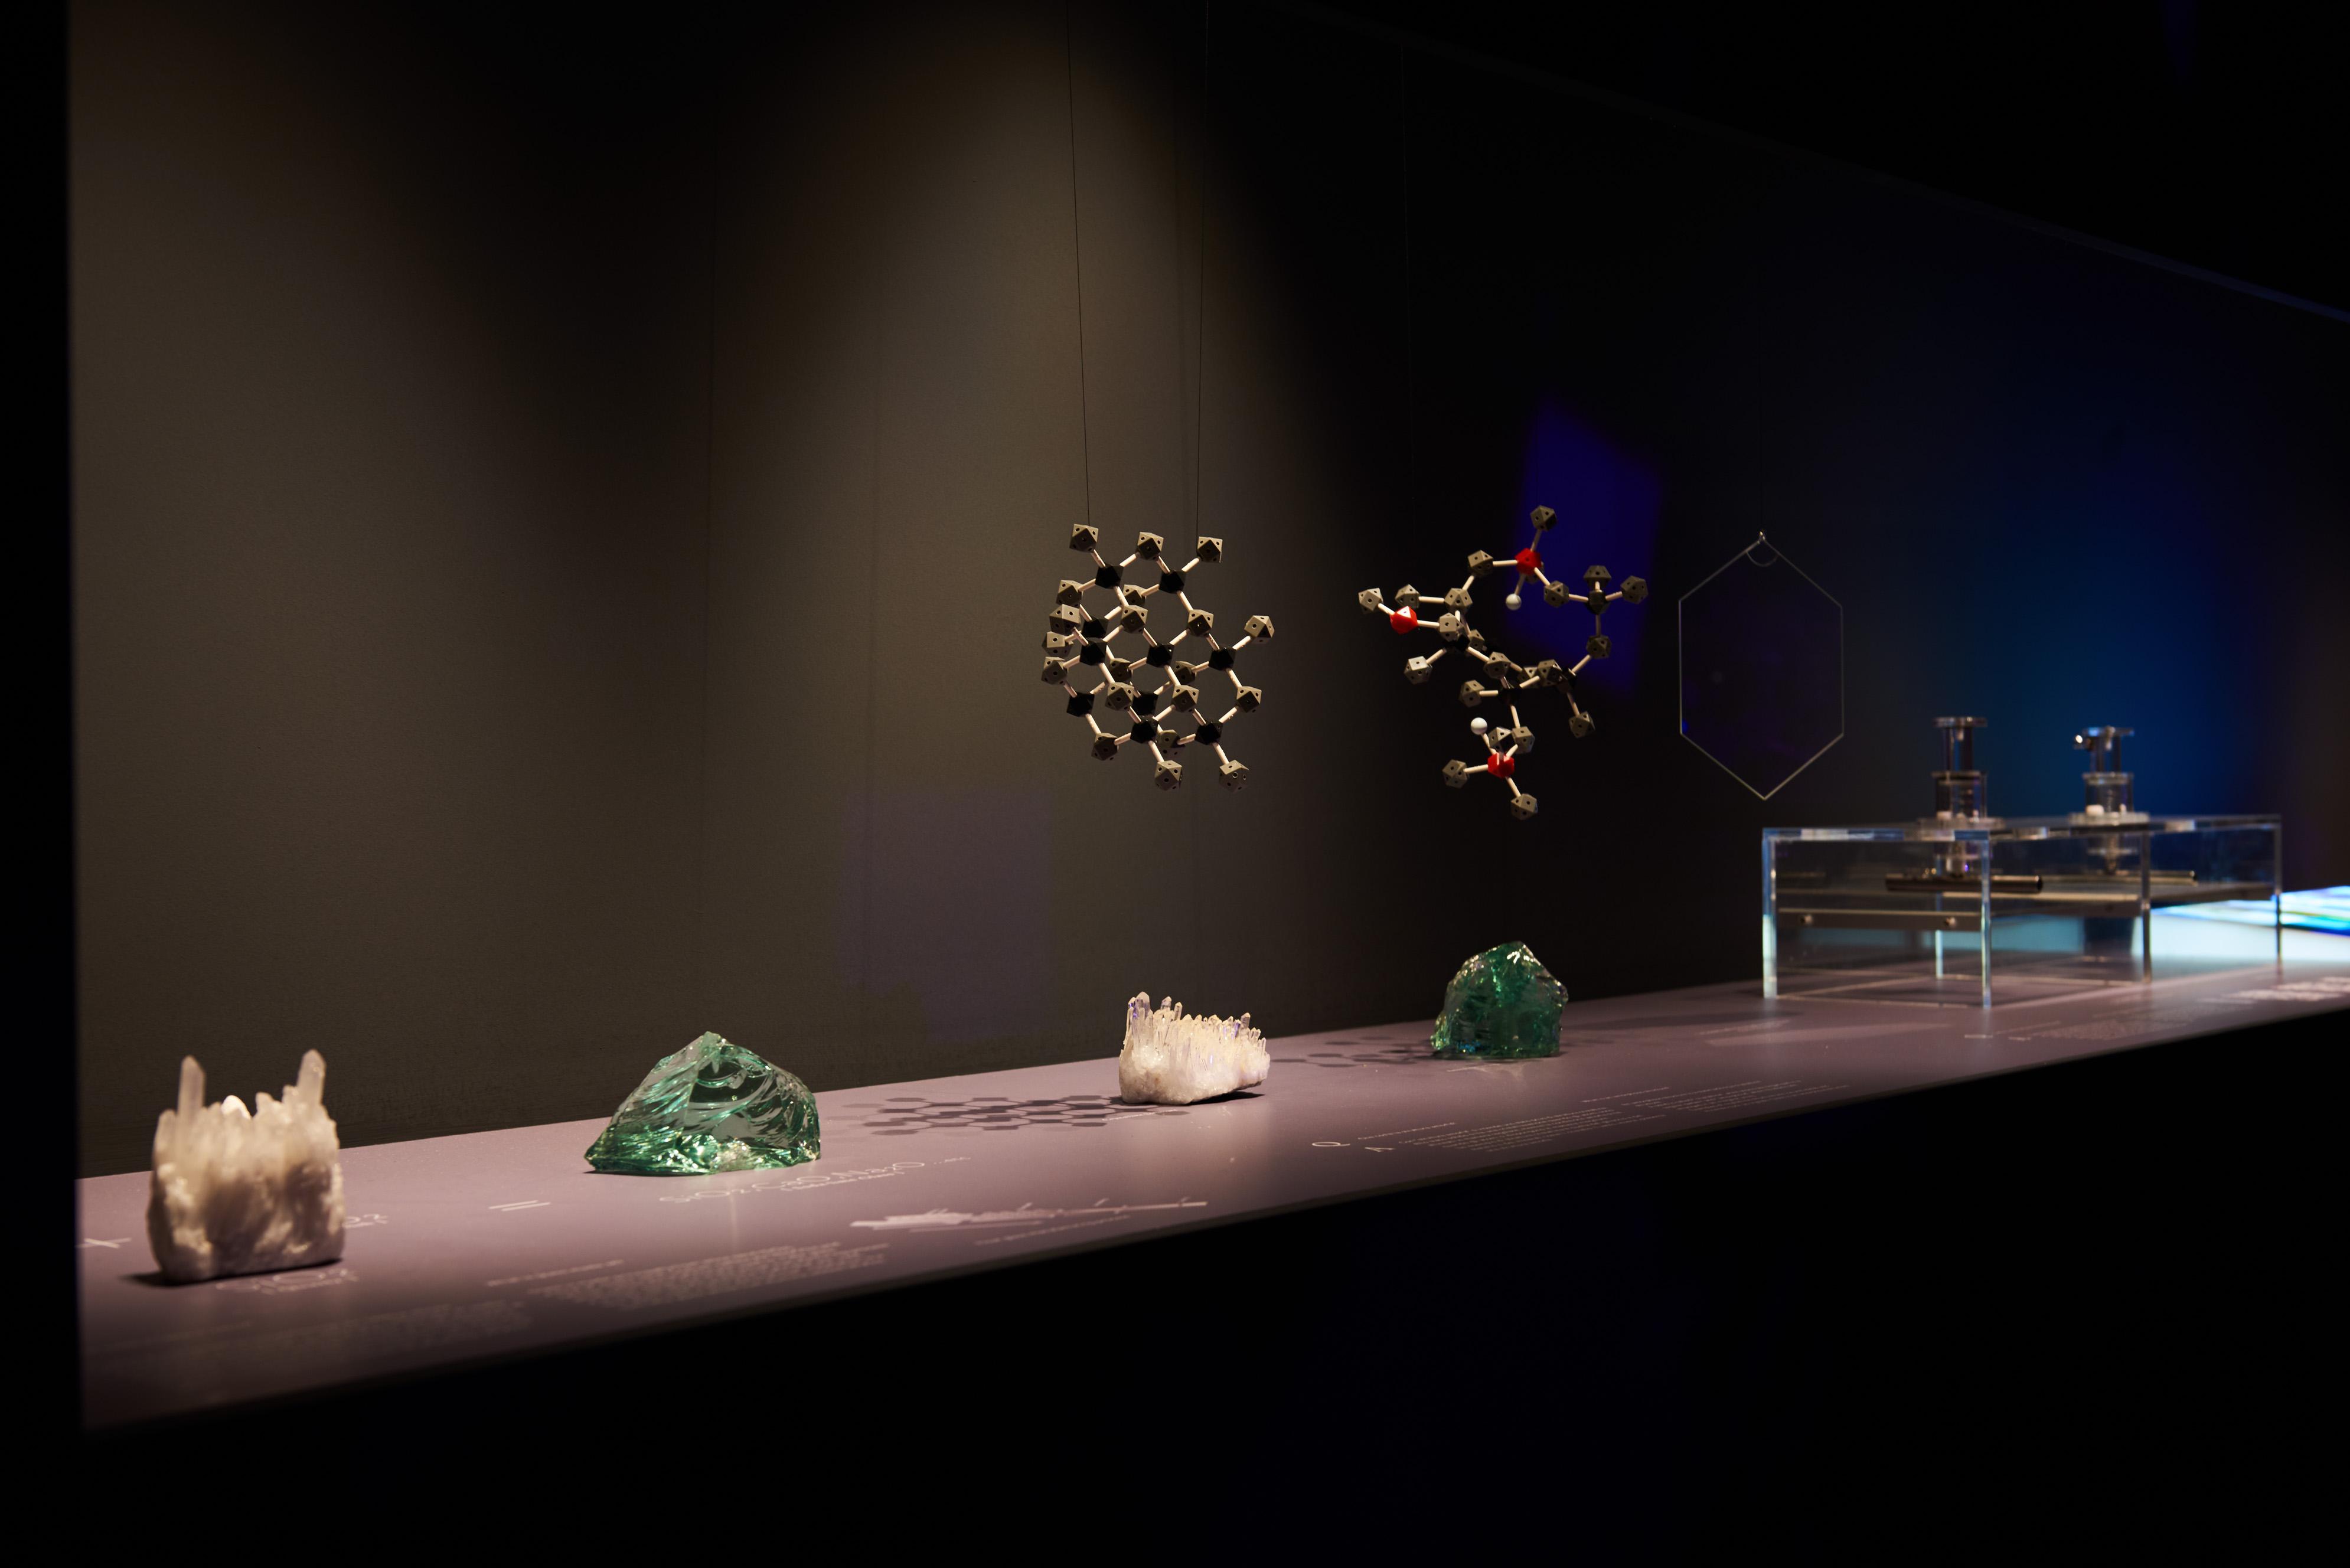 メインのインスタレーション「Amorphous」以外に、「ガラス」という物質や技術について紹介するサイエンスミュージアムも設けられた